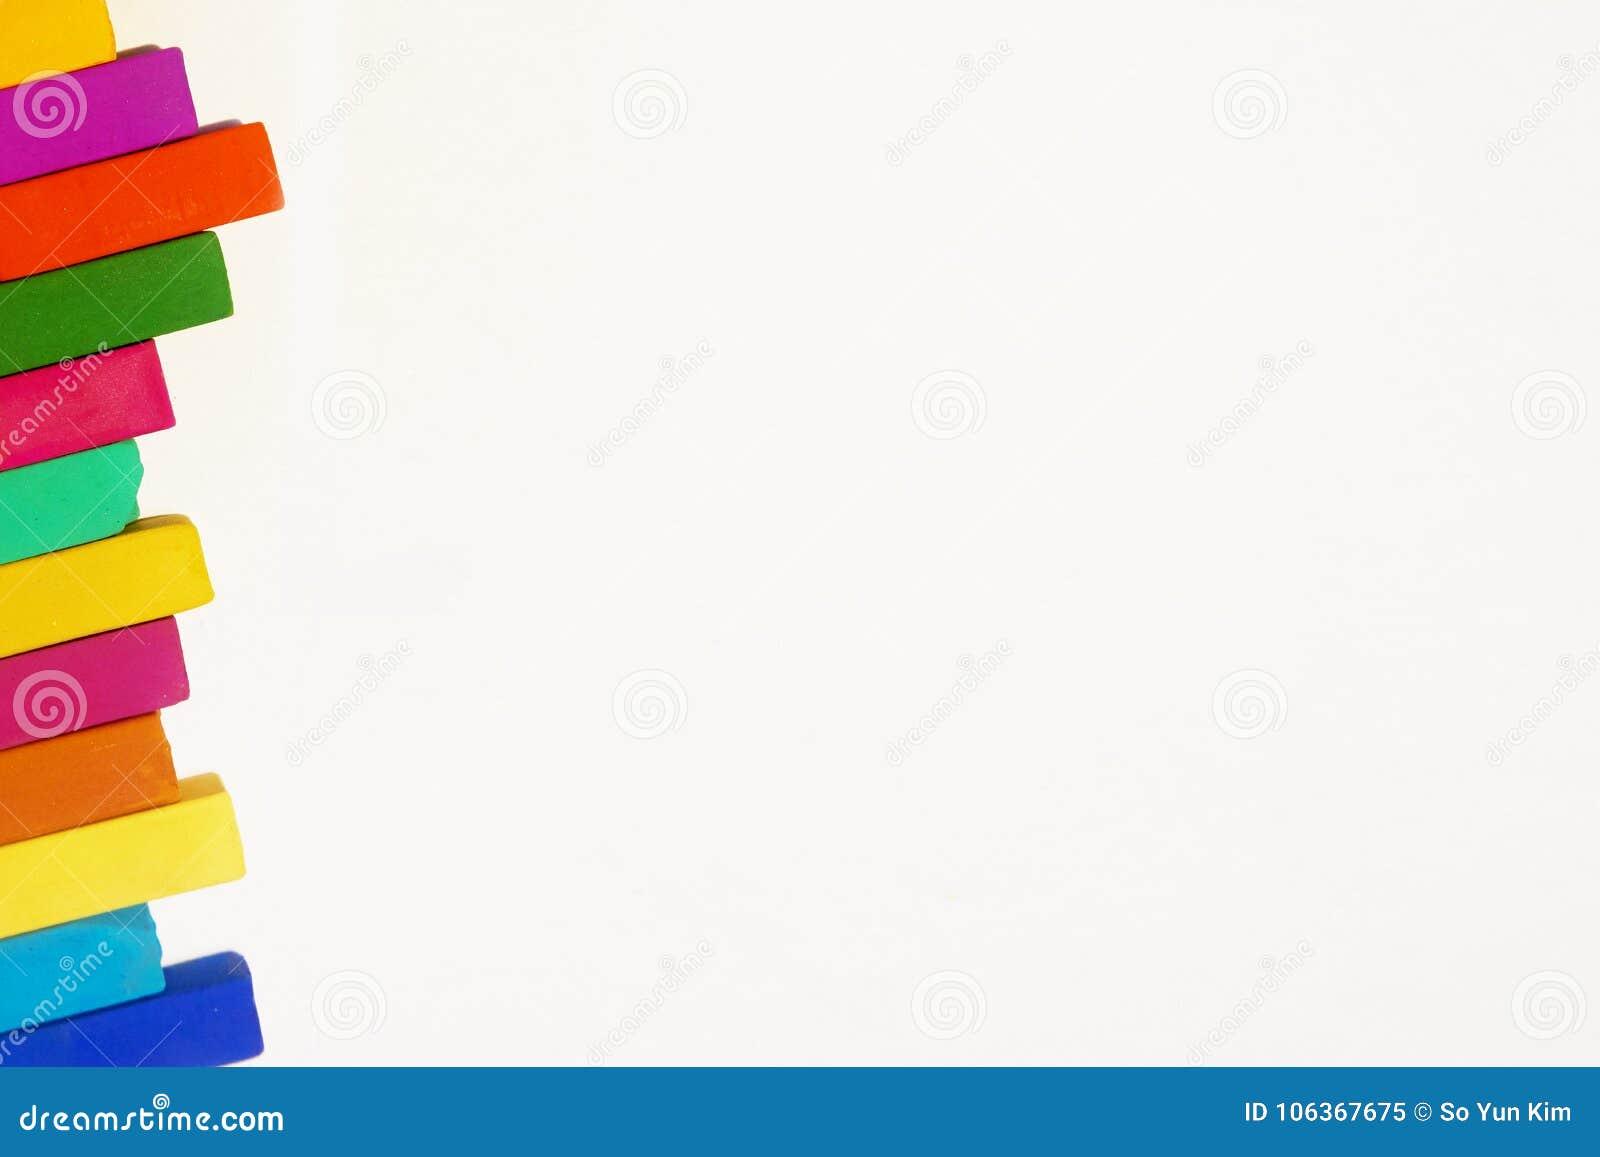 Er zijn zij aan zij vele gekleurde pastelkleuren